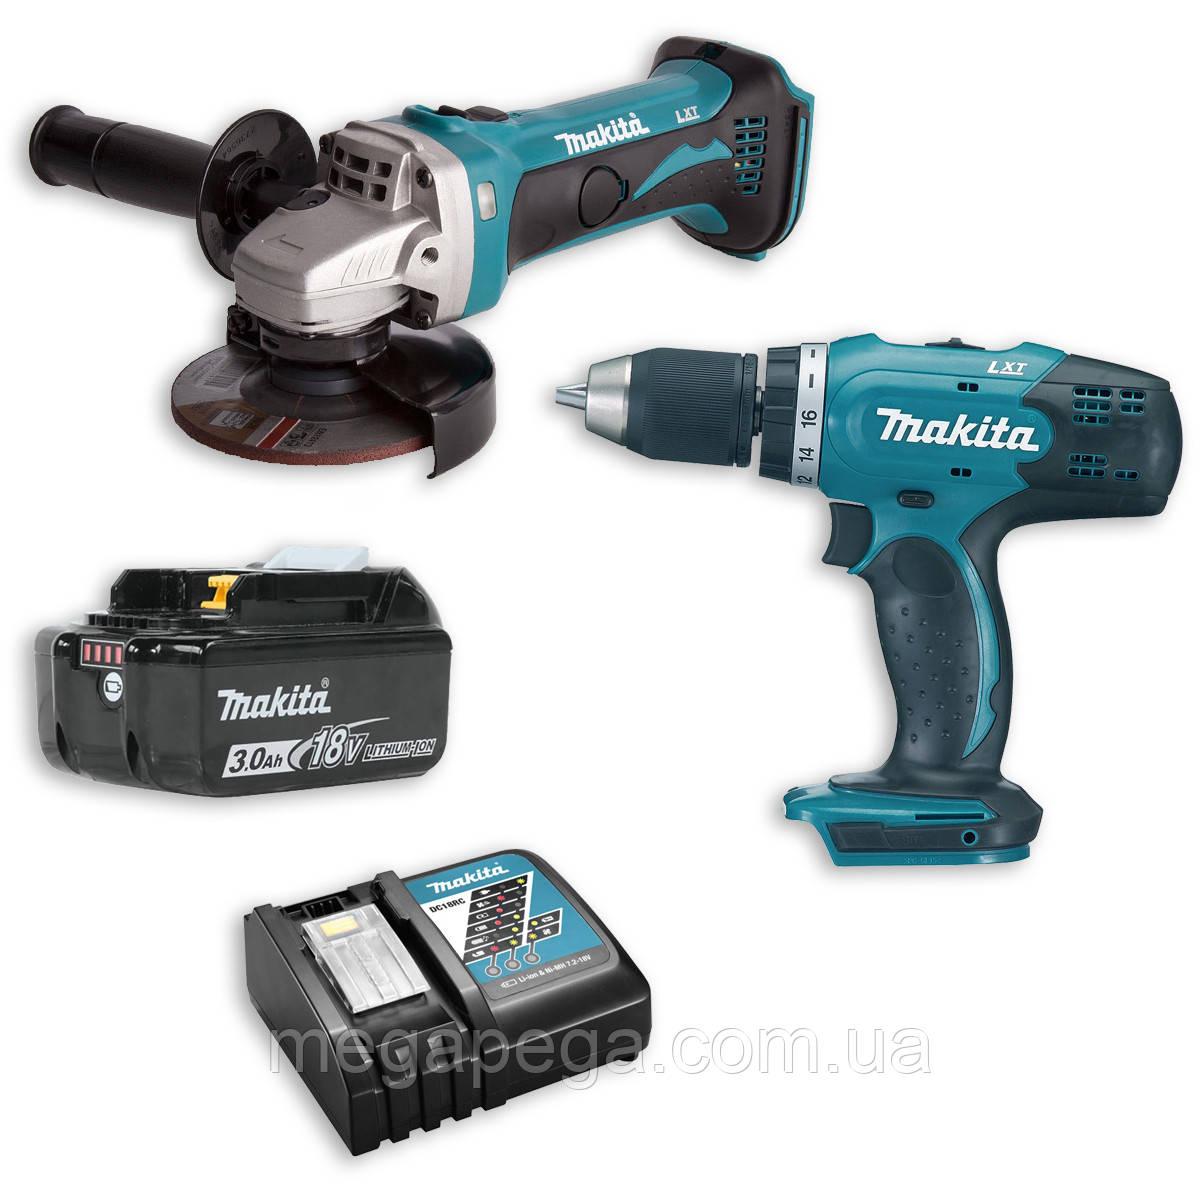 Набор инструментов Makita DDF453 и DGA452 + аккумулятор и зарядное устройство DLXMUA453